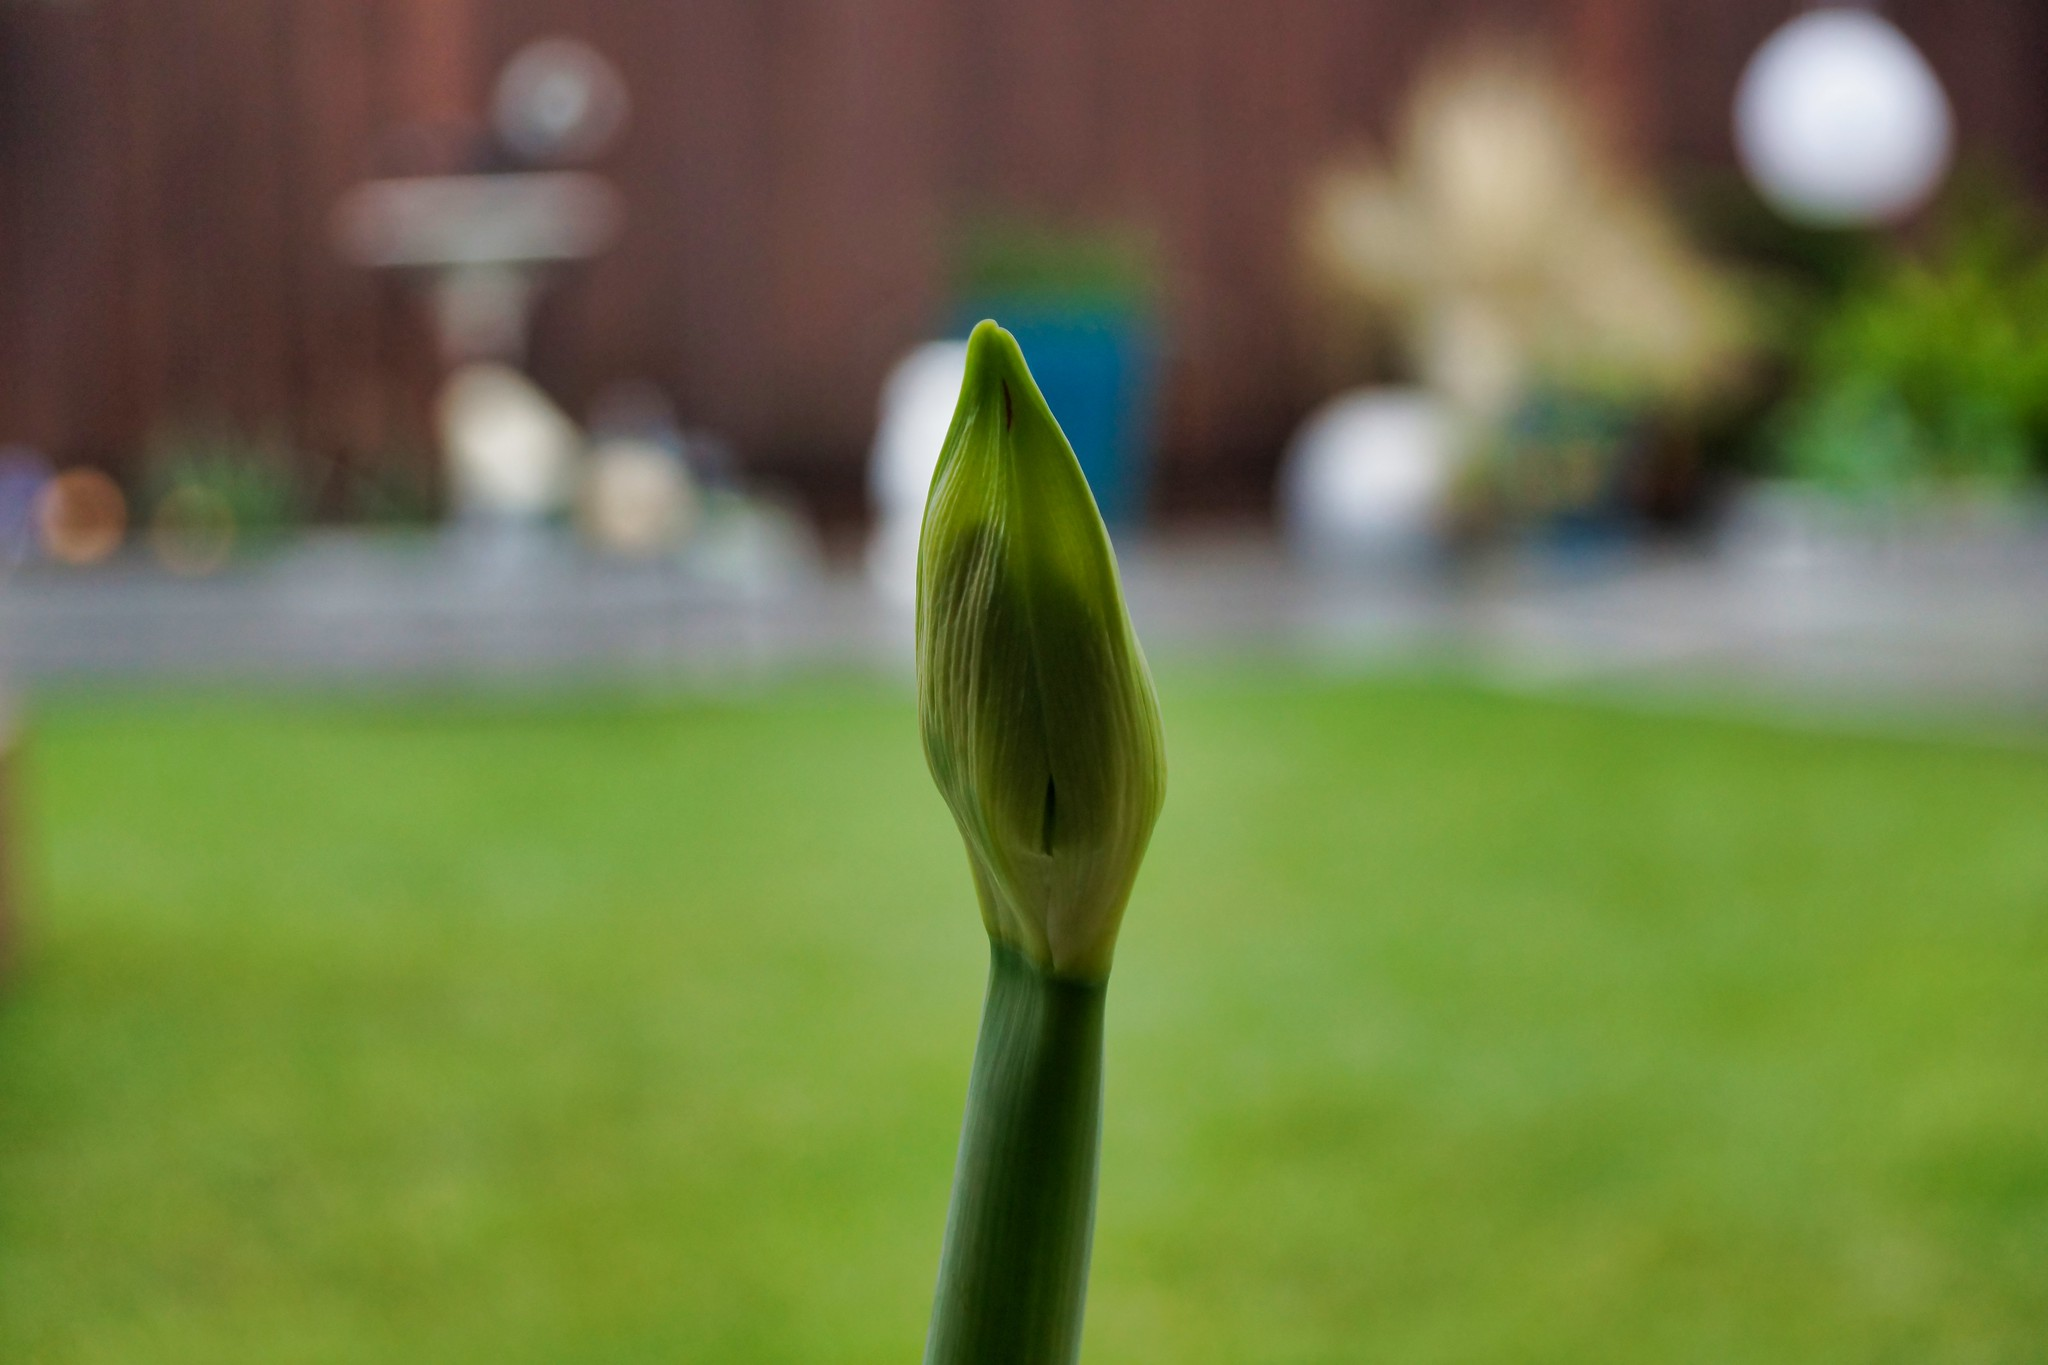 2019-02-04 - Nature Photography - Flowers - Amaryllis